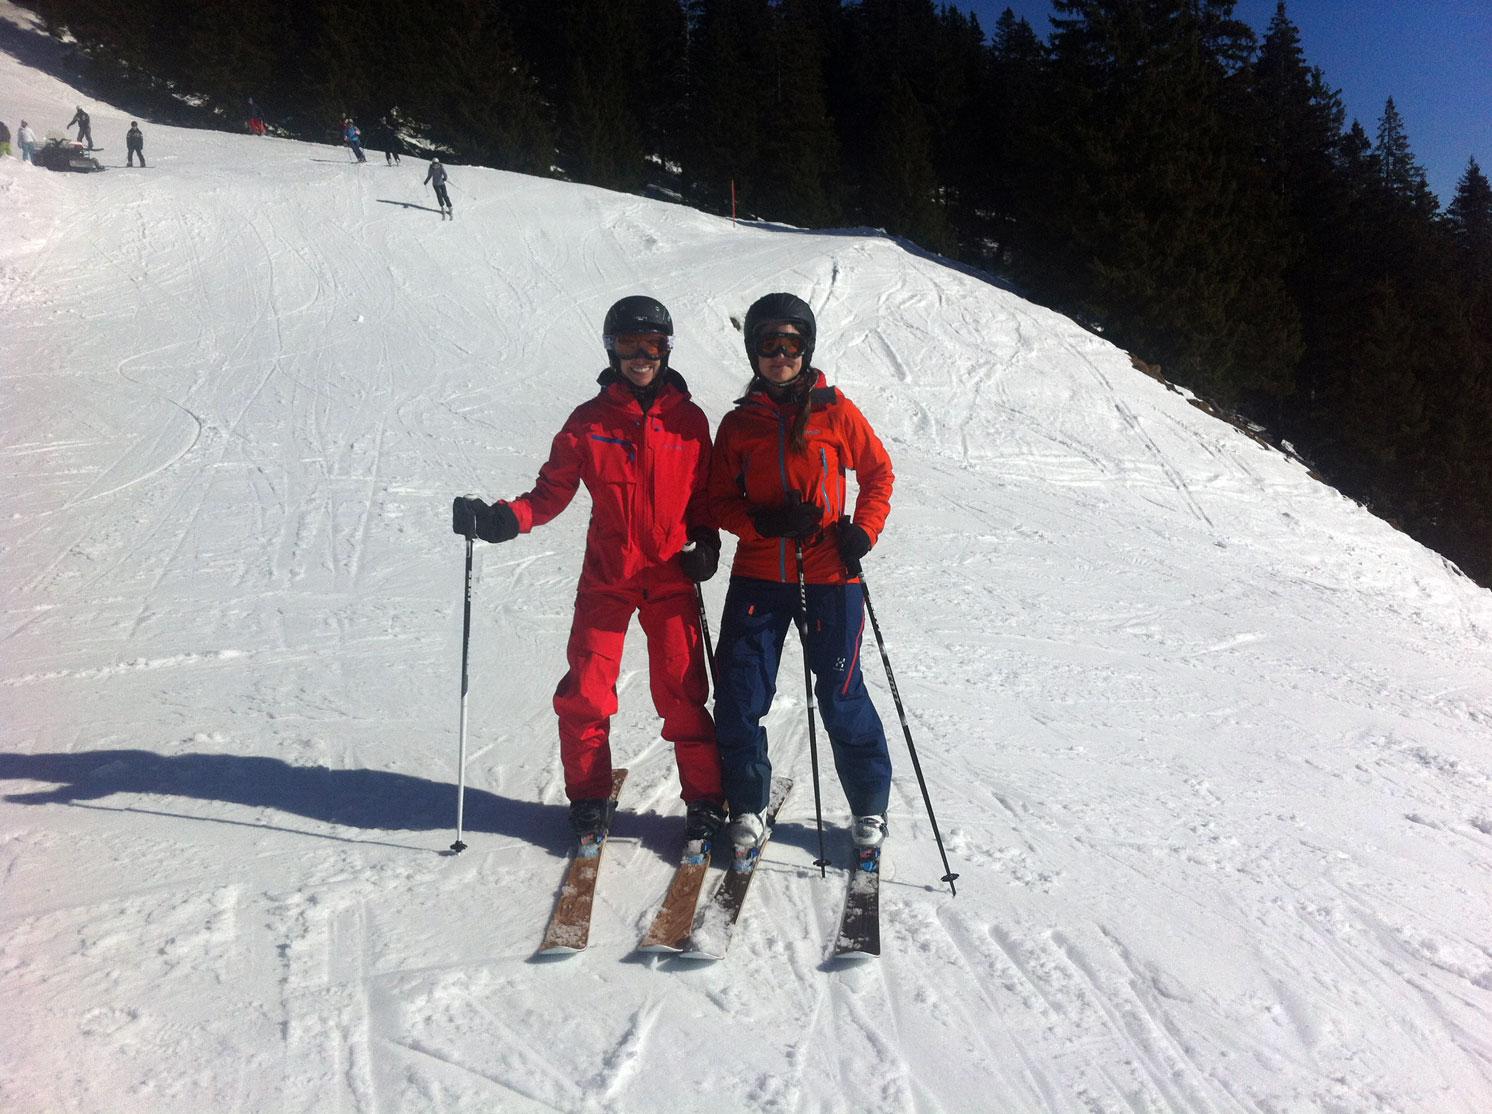 munichmountaingirls-lieberdraussen-bergblog-frauen-berge-melanie-barbara-ski-fahren-piste